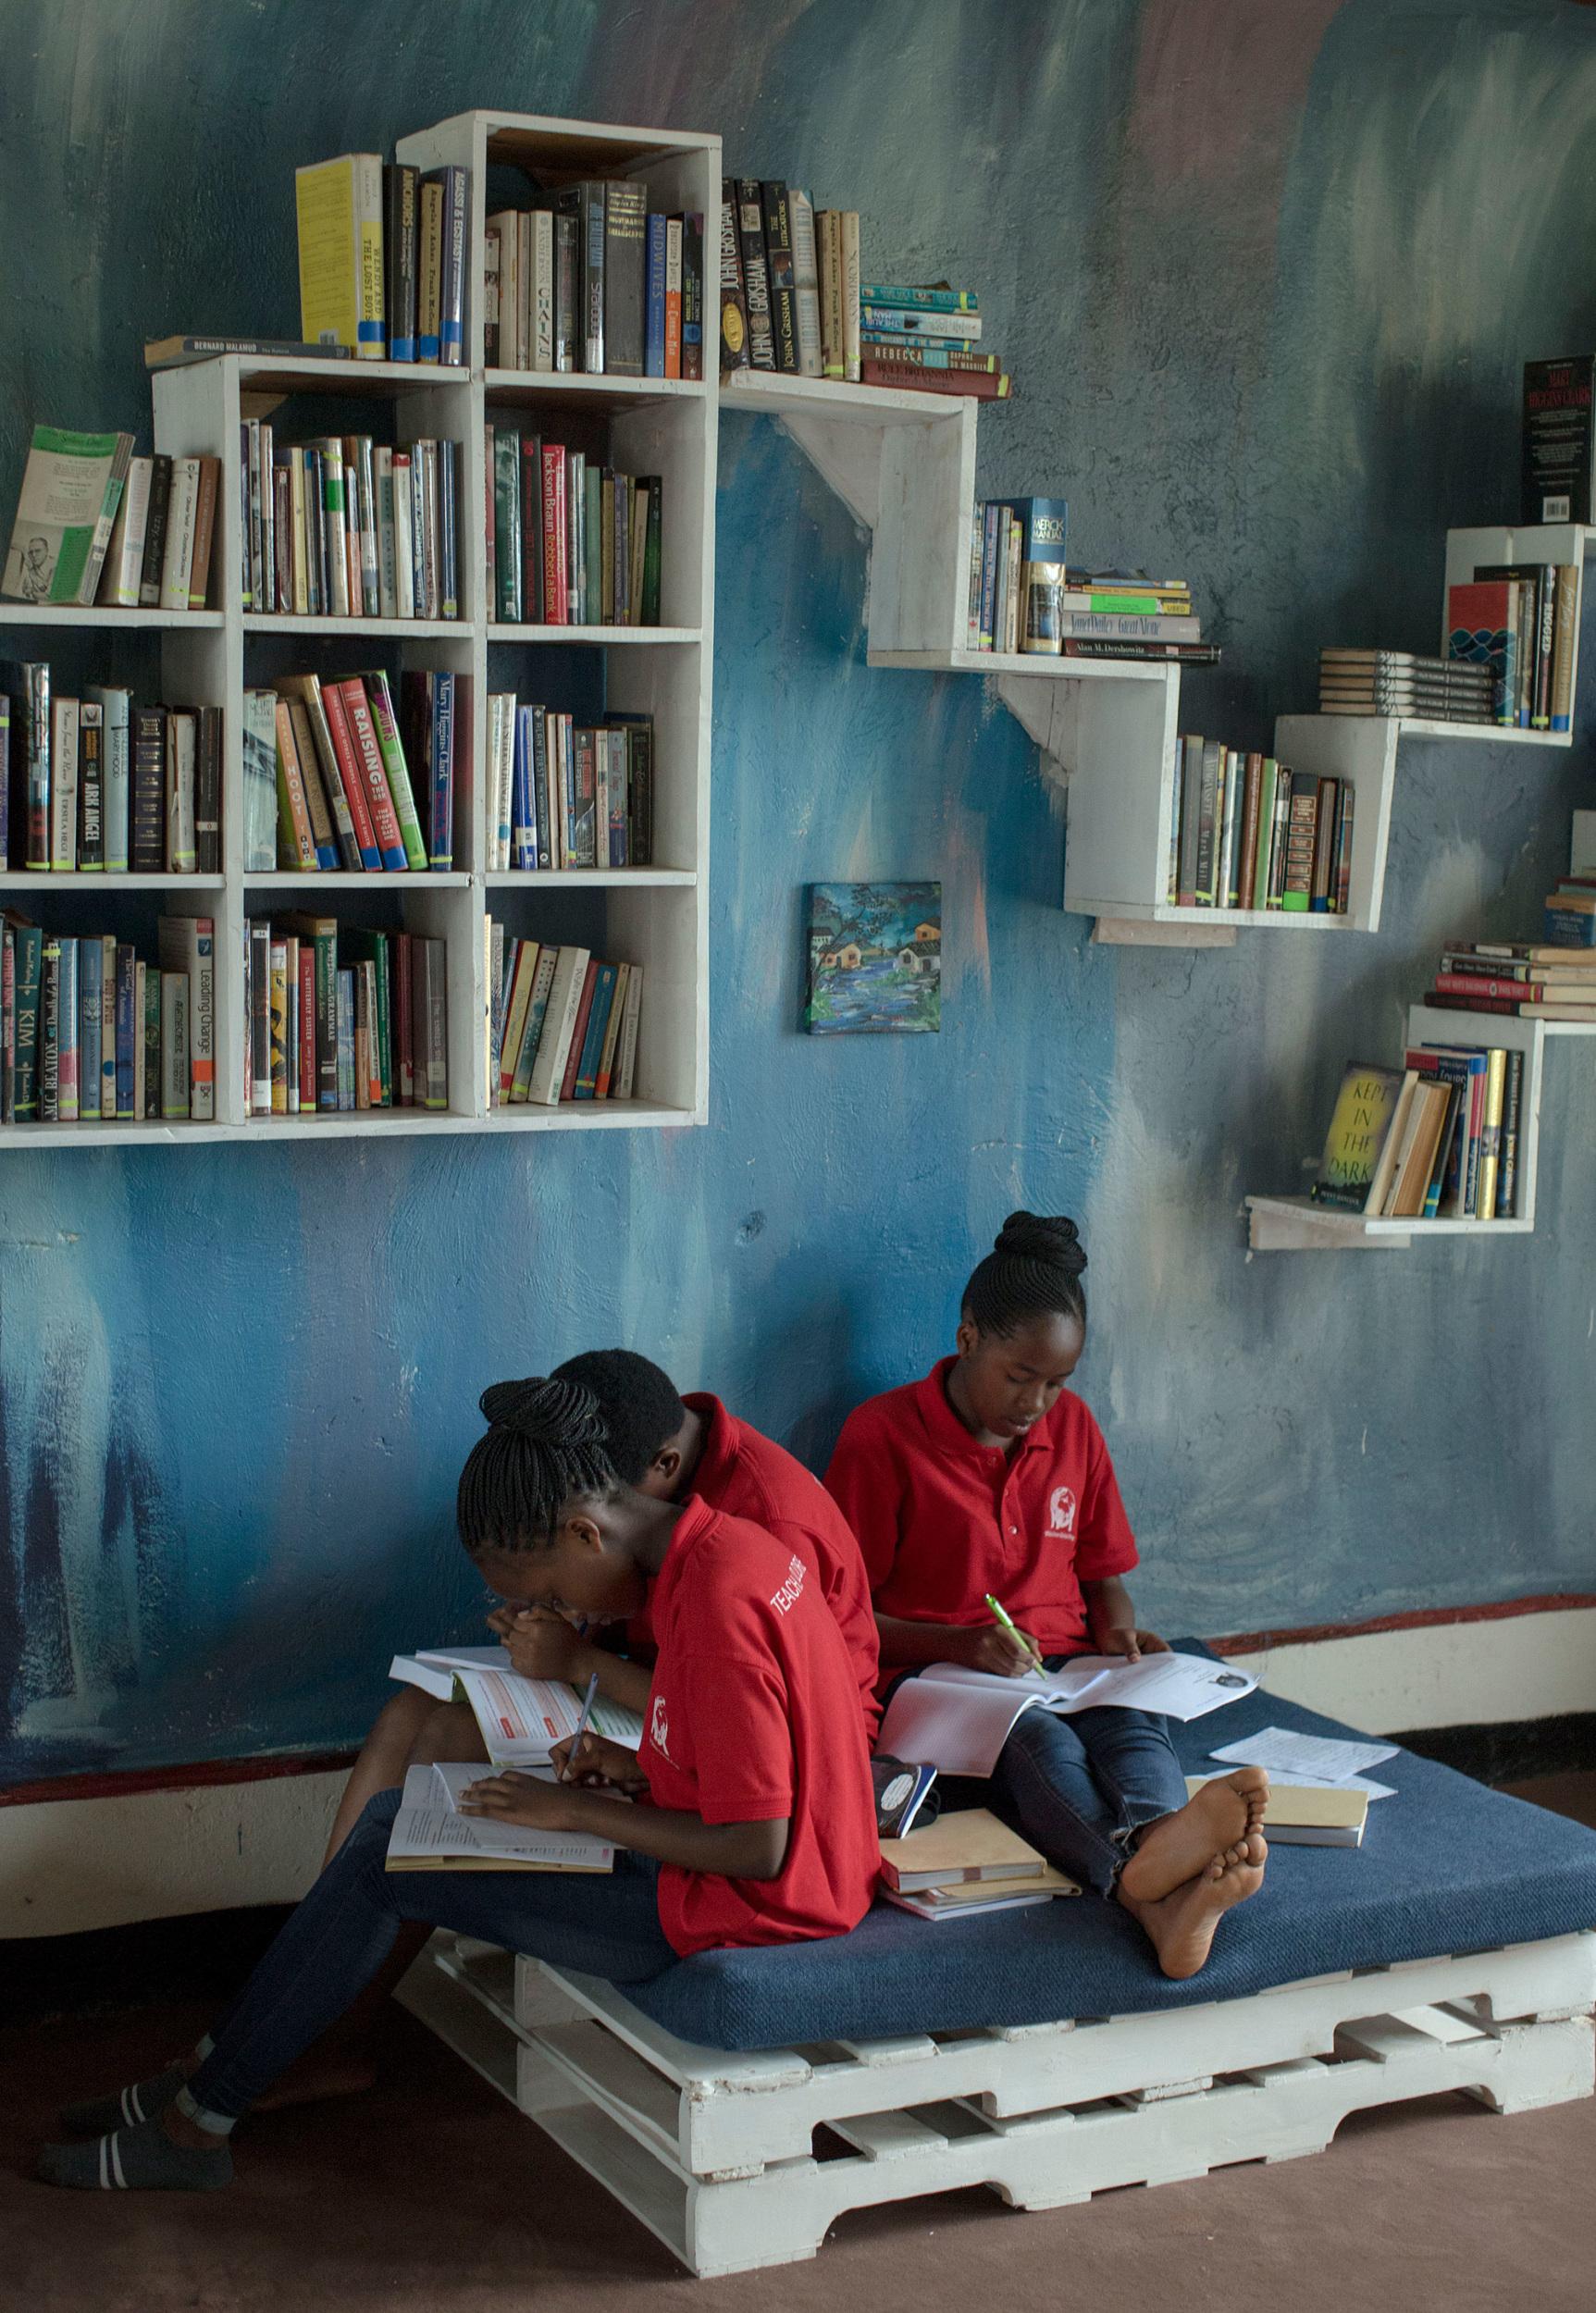 Estudiantes de White Dove Global Prep leyendo en la biblioteca de su escuela. Imagínese que ayudamos a diseñar y abastecer la biblioteca con libros.